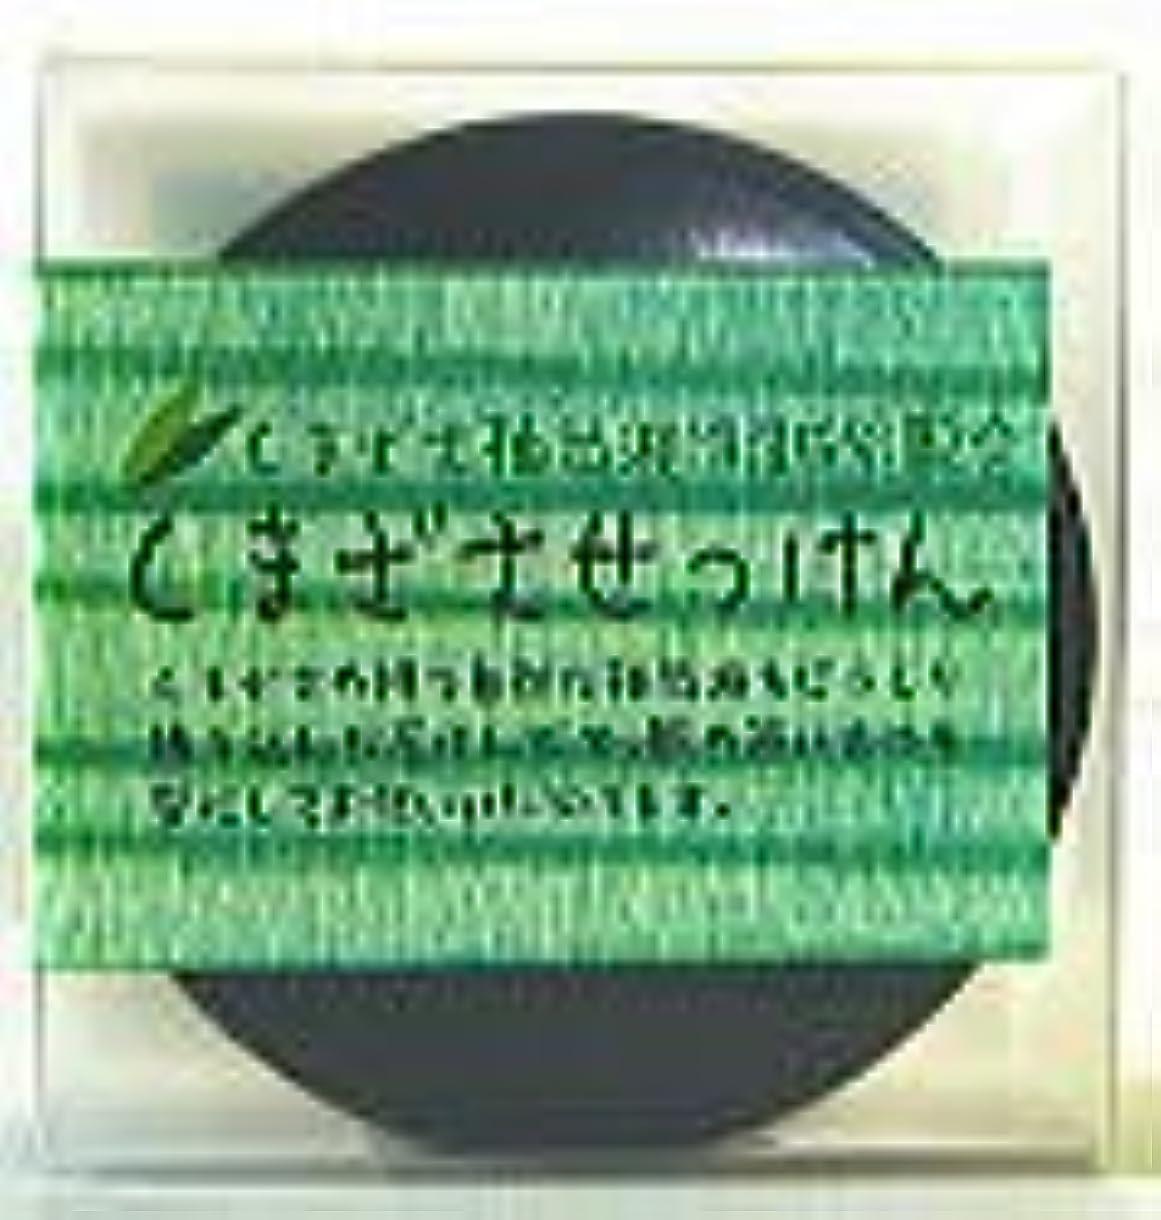 薄汚い溶融品揃えサンクロン クマザサ石鹸 100g×3